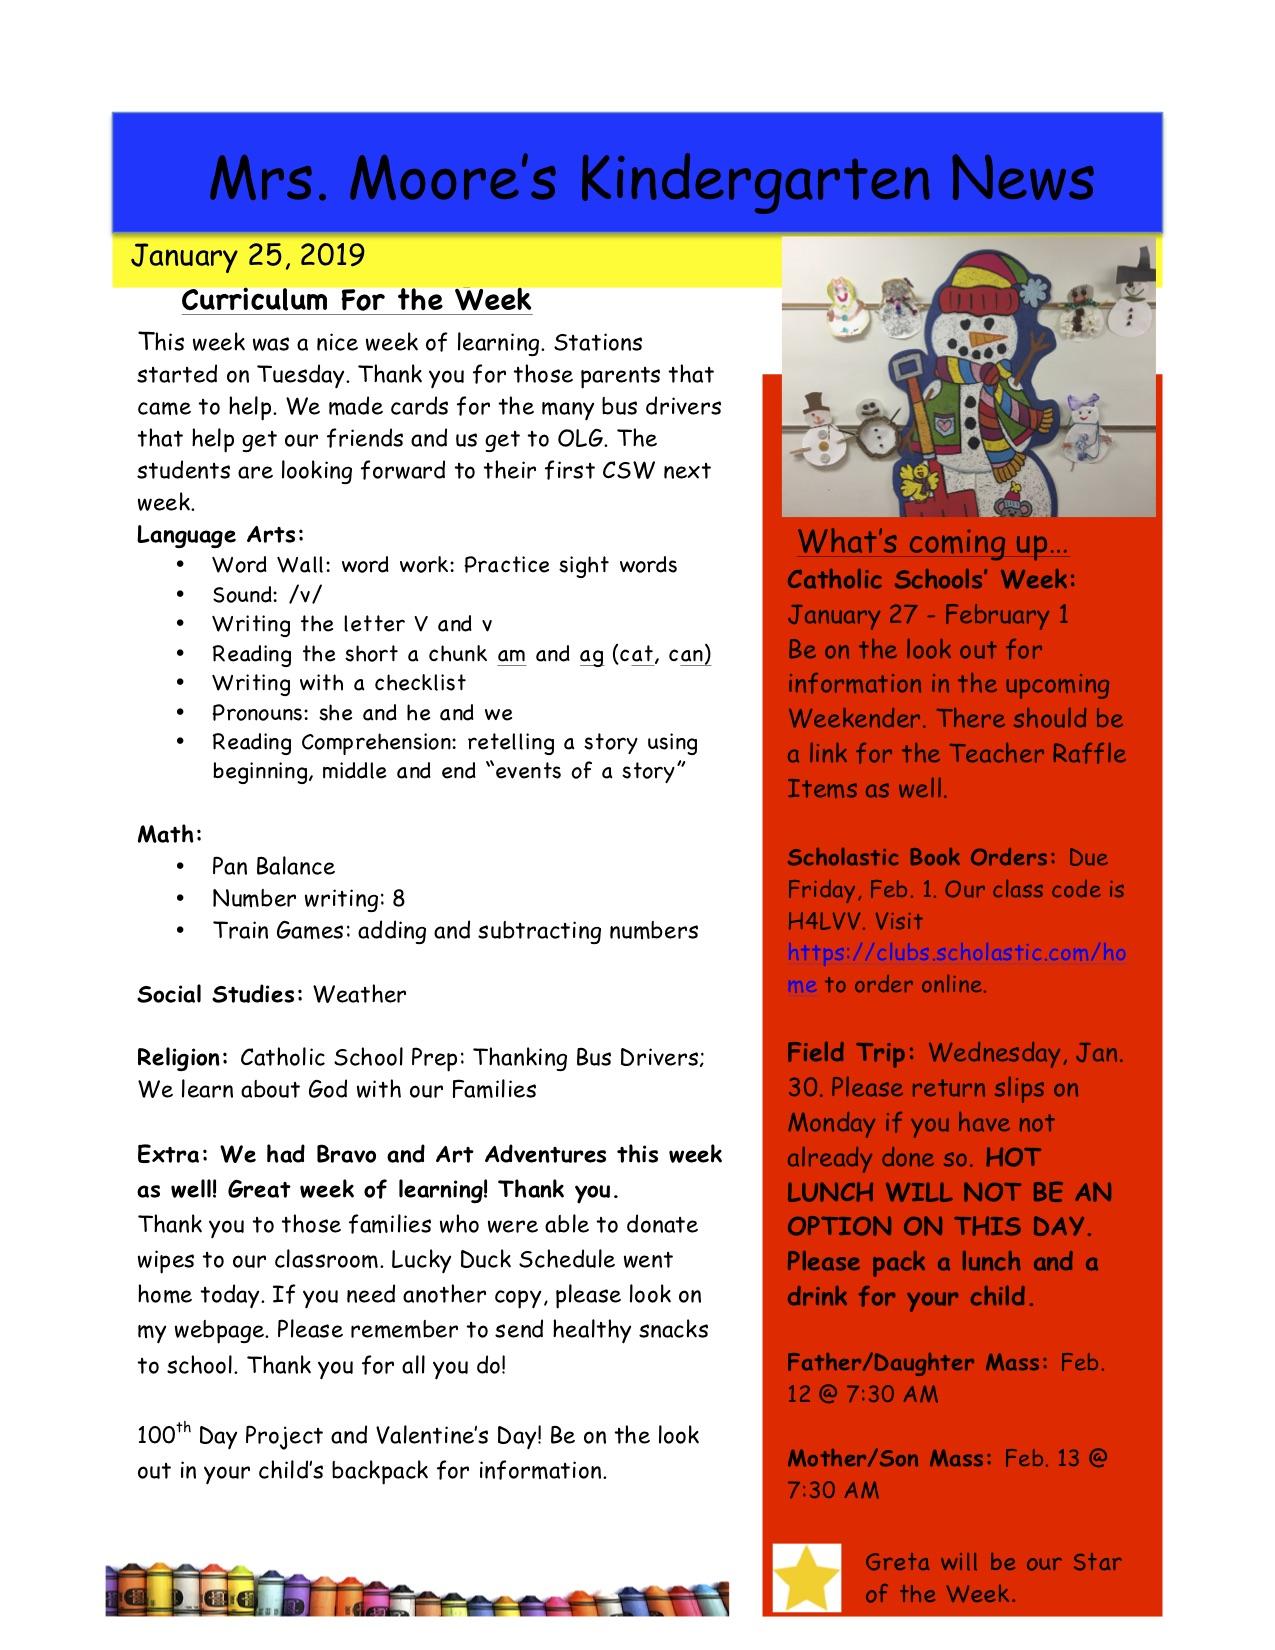 MooreNewsletter Week 1-21-19.jpg